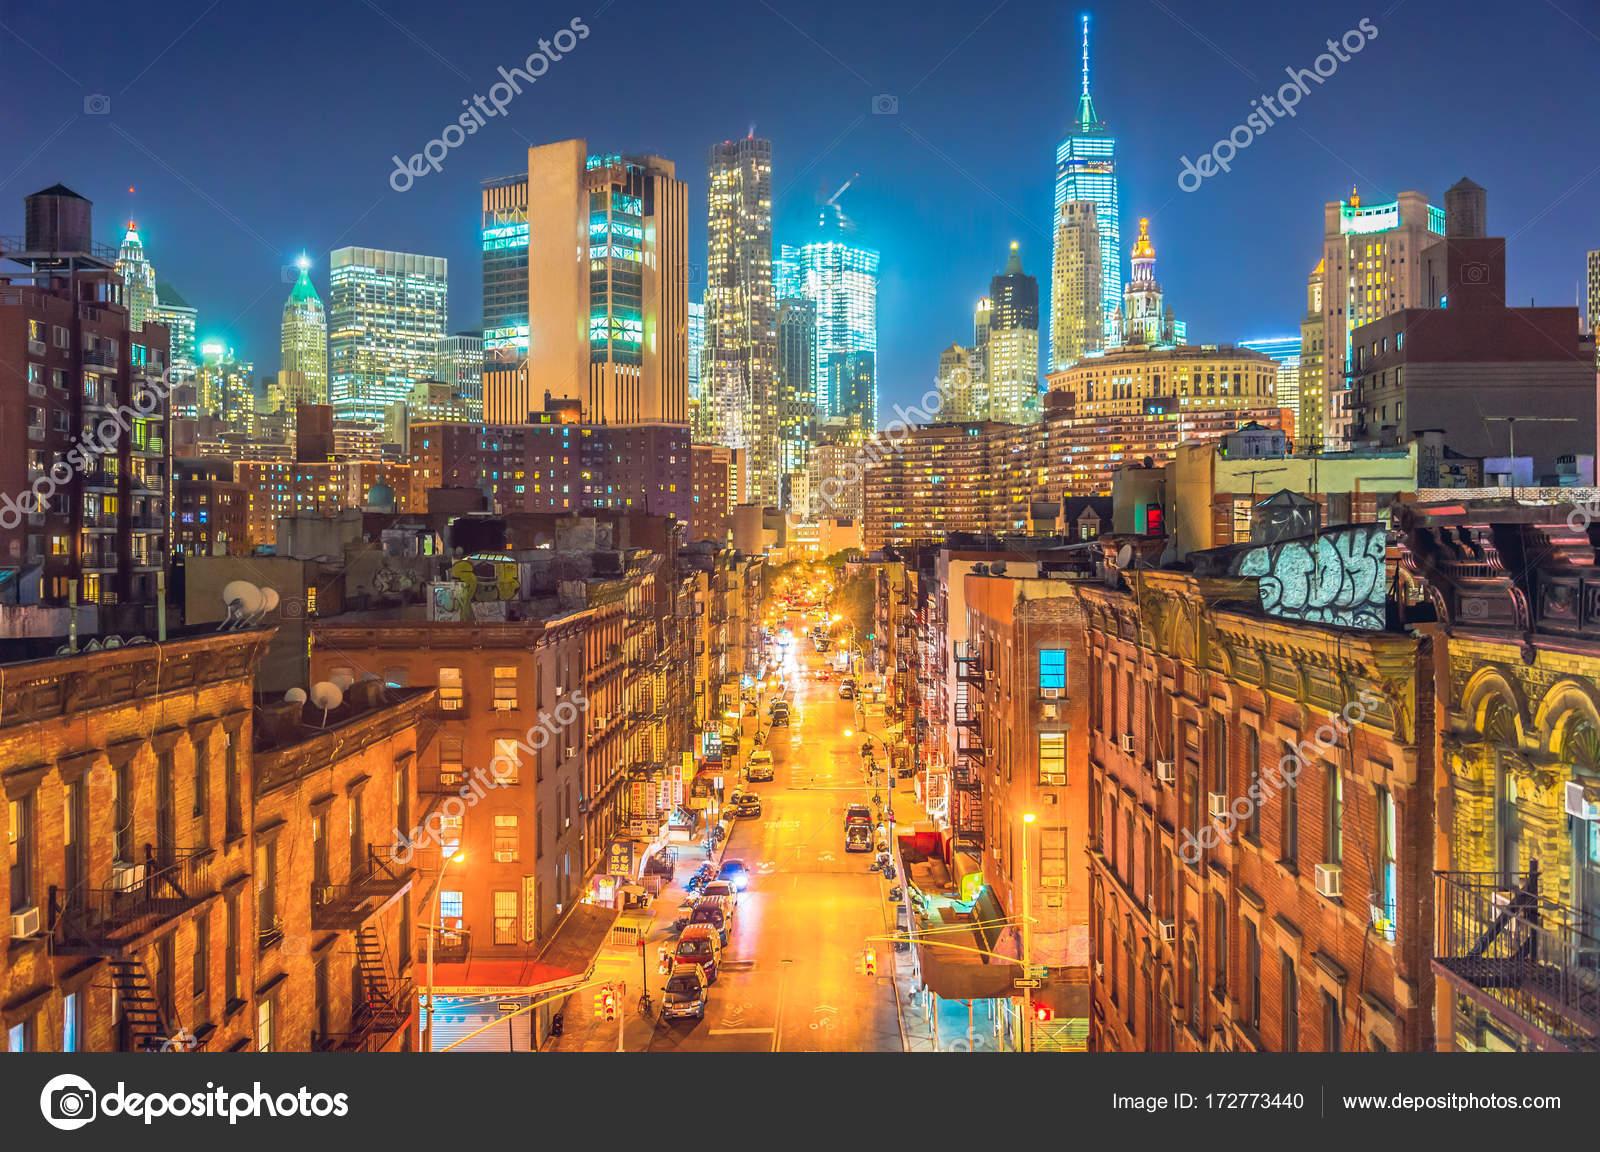 New York City At Night Chinatown Stock Photo C Chumakov16 172773440